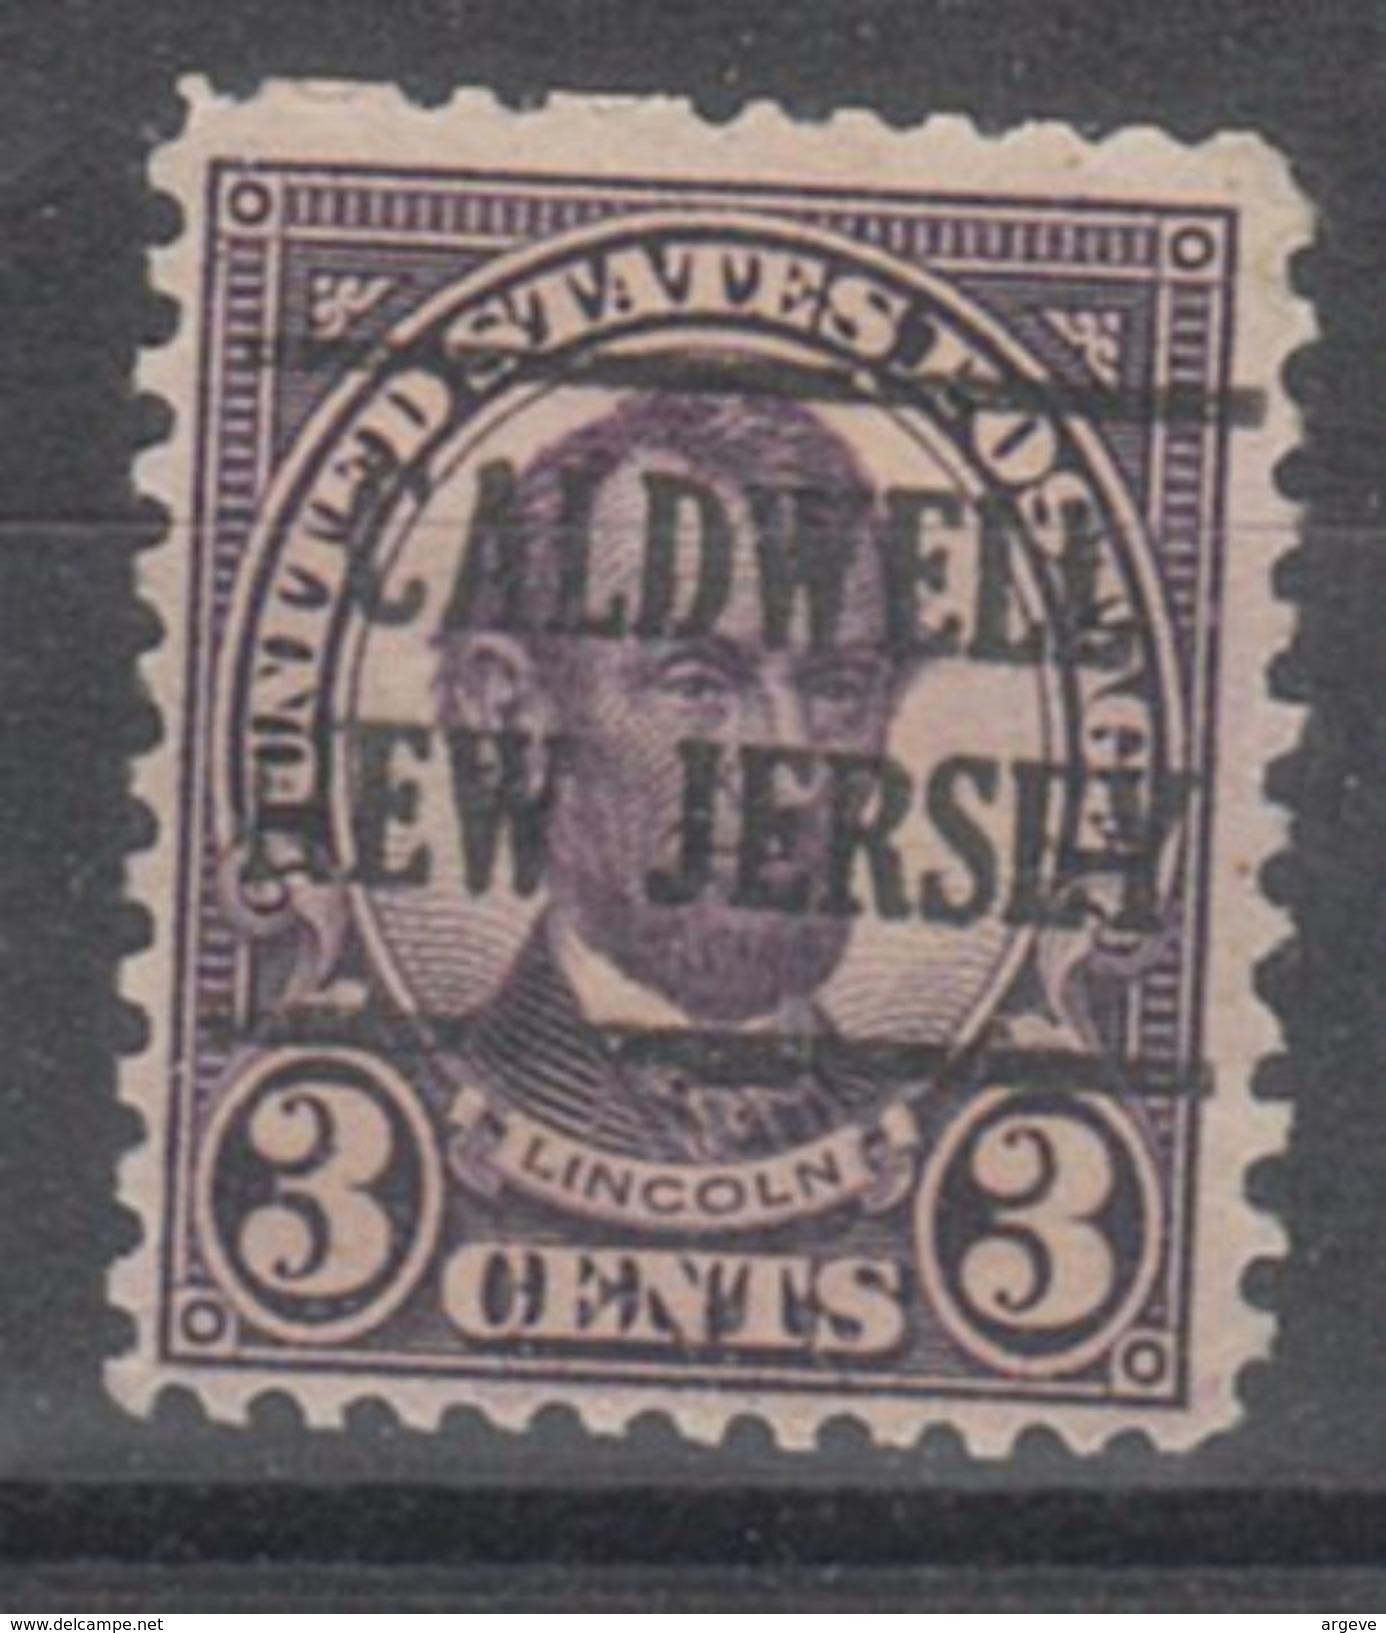 USA Precancel Vorausentwertungen Preo, Locals New Jersey, Caldwell 635-225 - Vereinigte Staaten